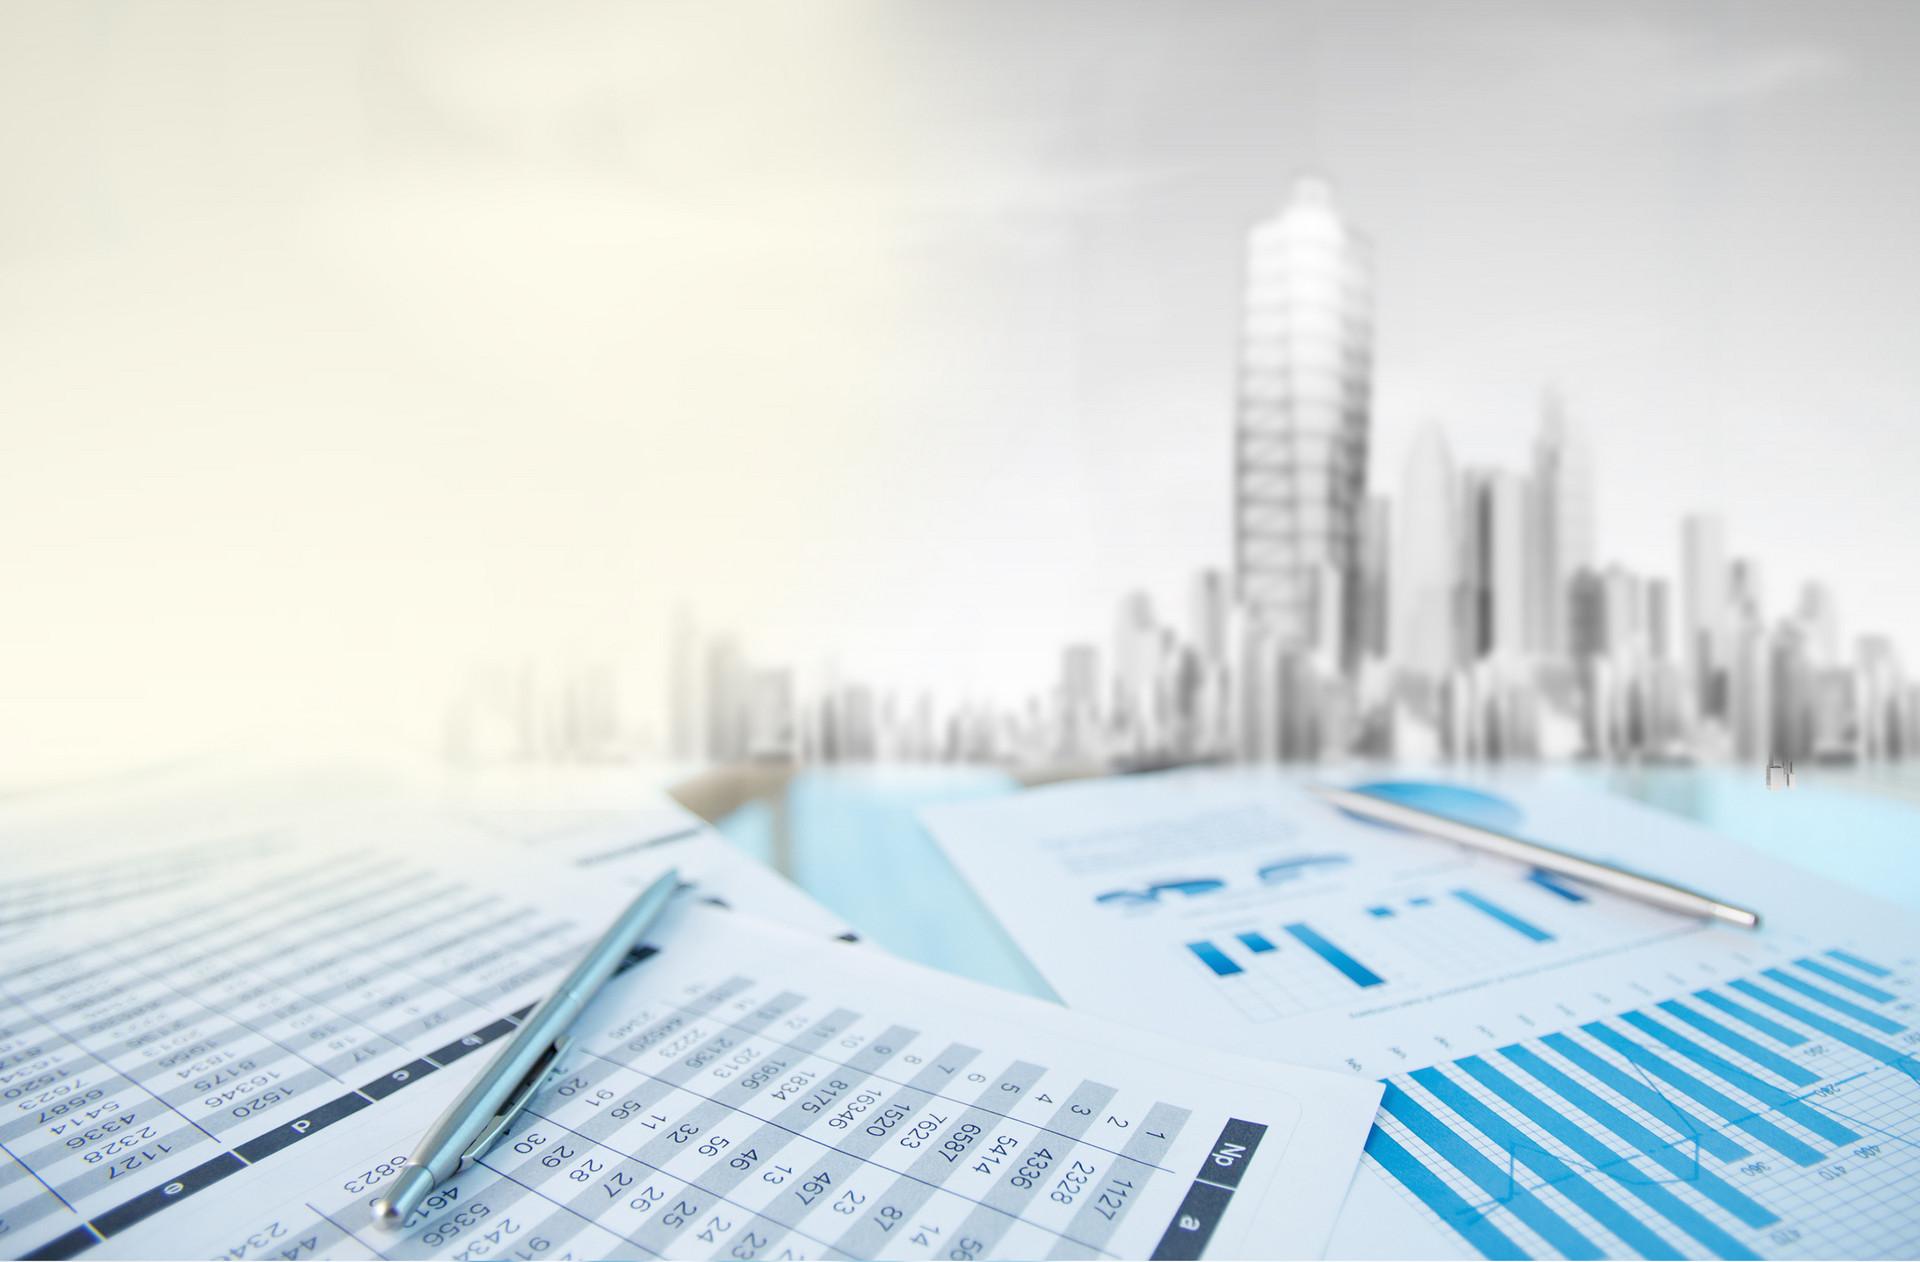 10月地方政府债券共发行964.60亿元